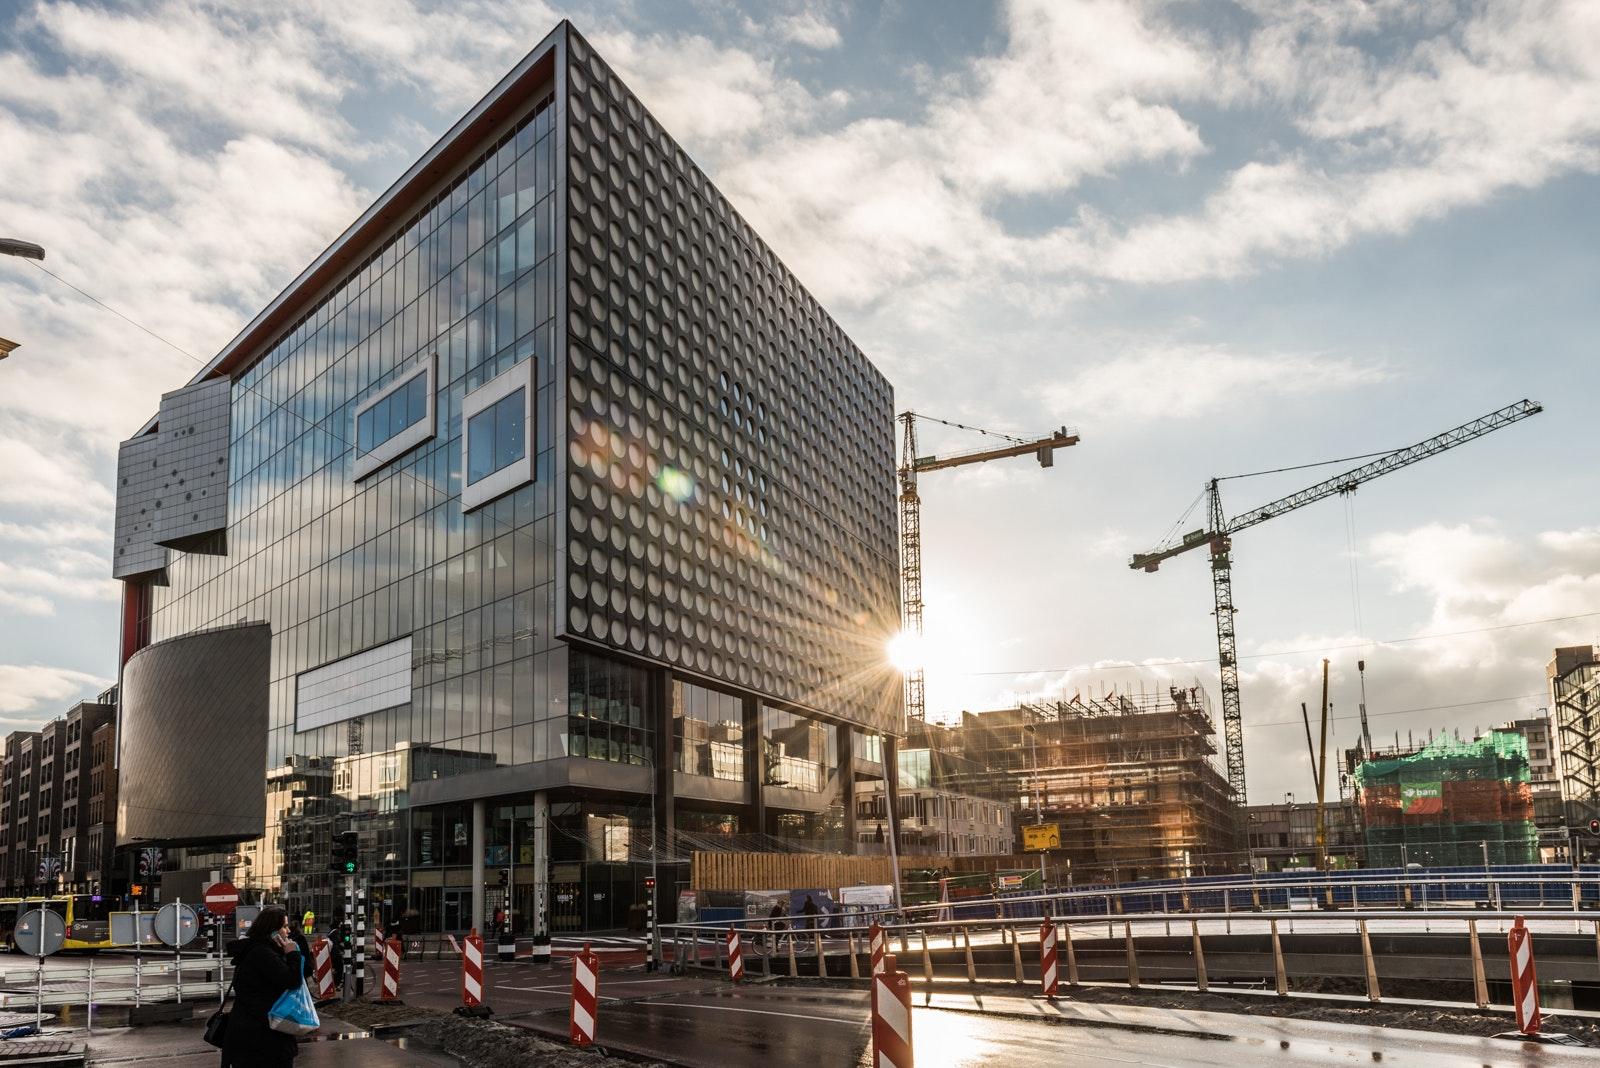 c97b5dd3310f77 Rapport  Gemeente moet miljoenen investeren in TivoliVredenburg - De  Utrechtse Internet Courant